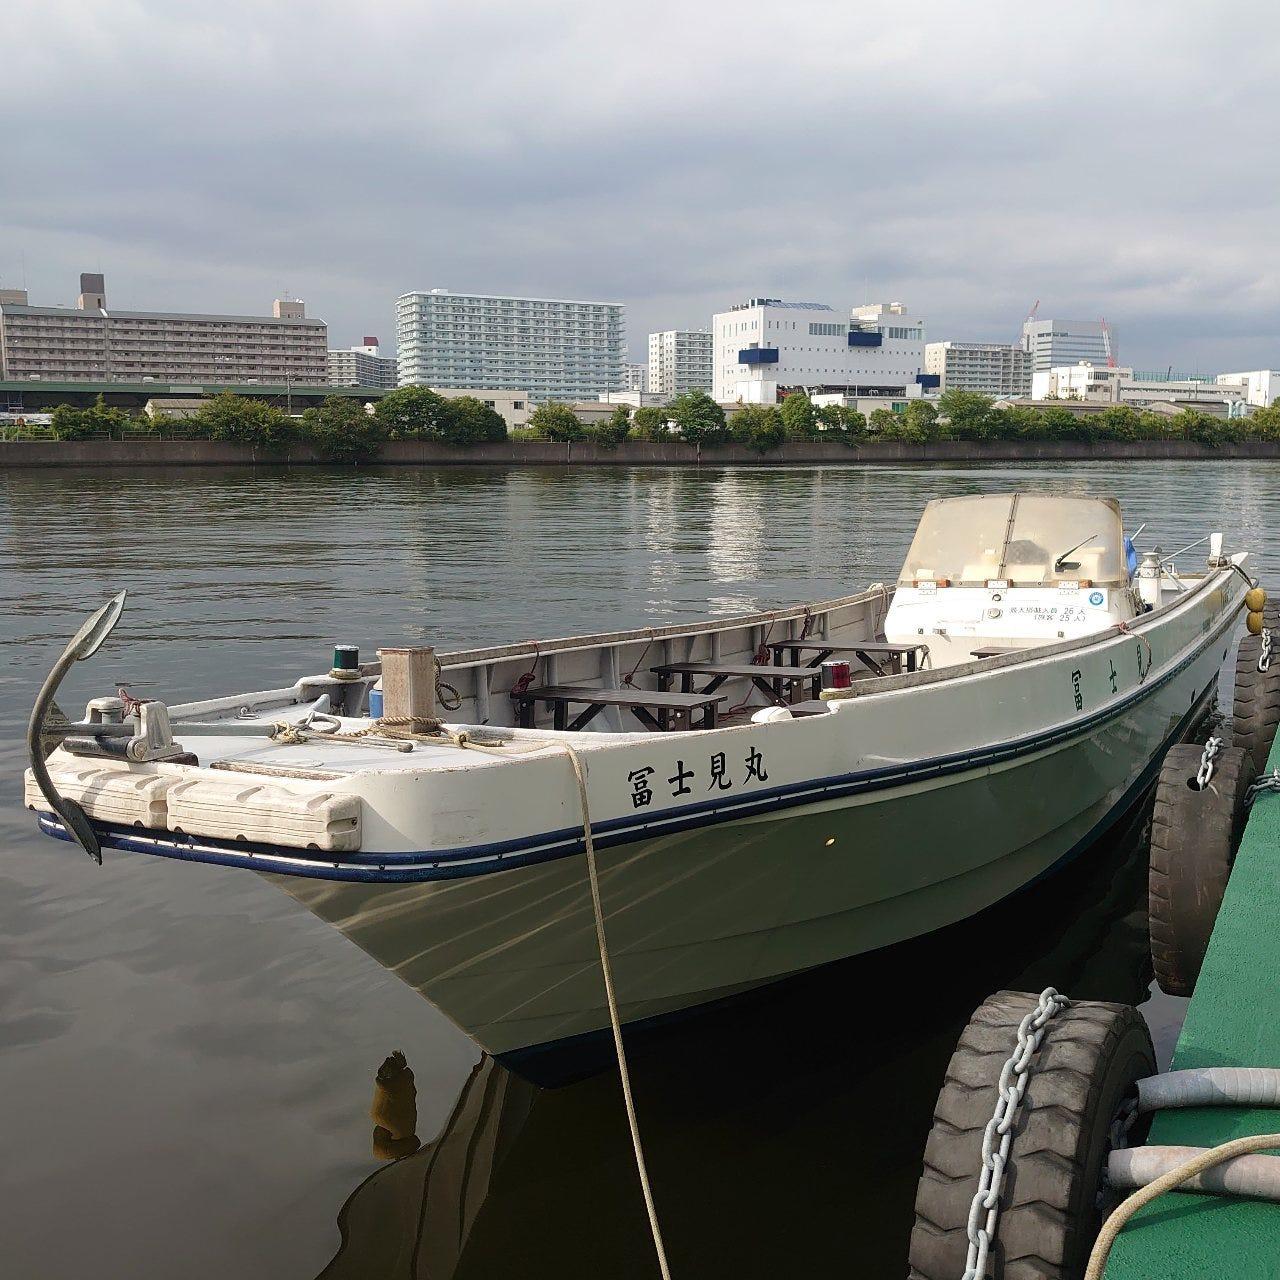 店舗に付随した浮桟橋から船に乗降可能。